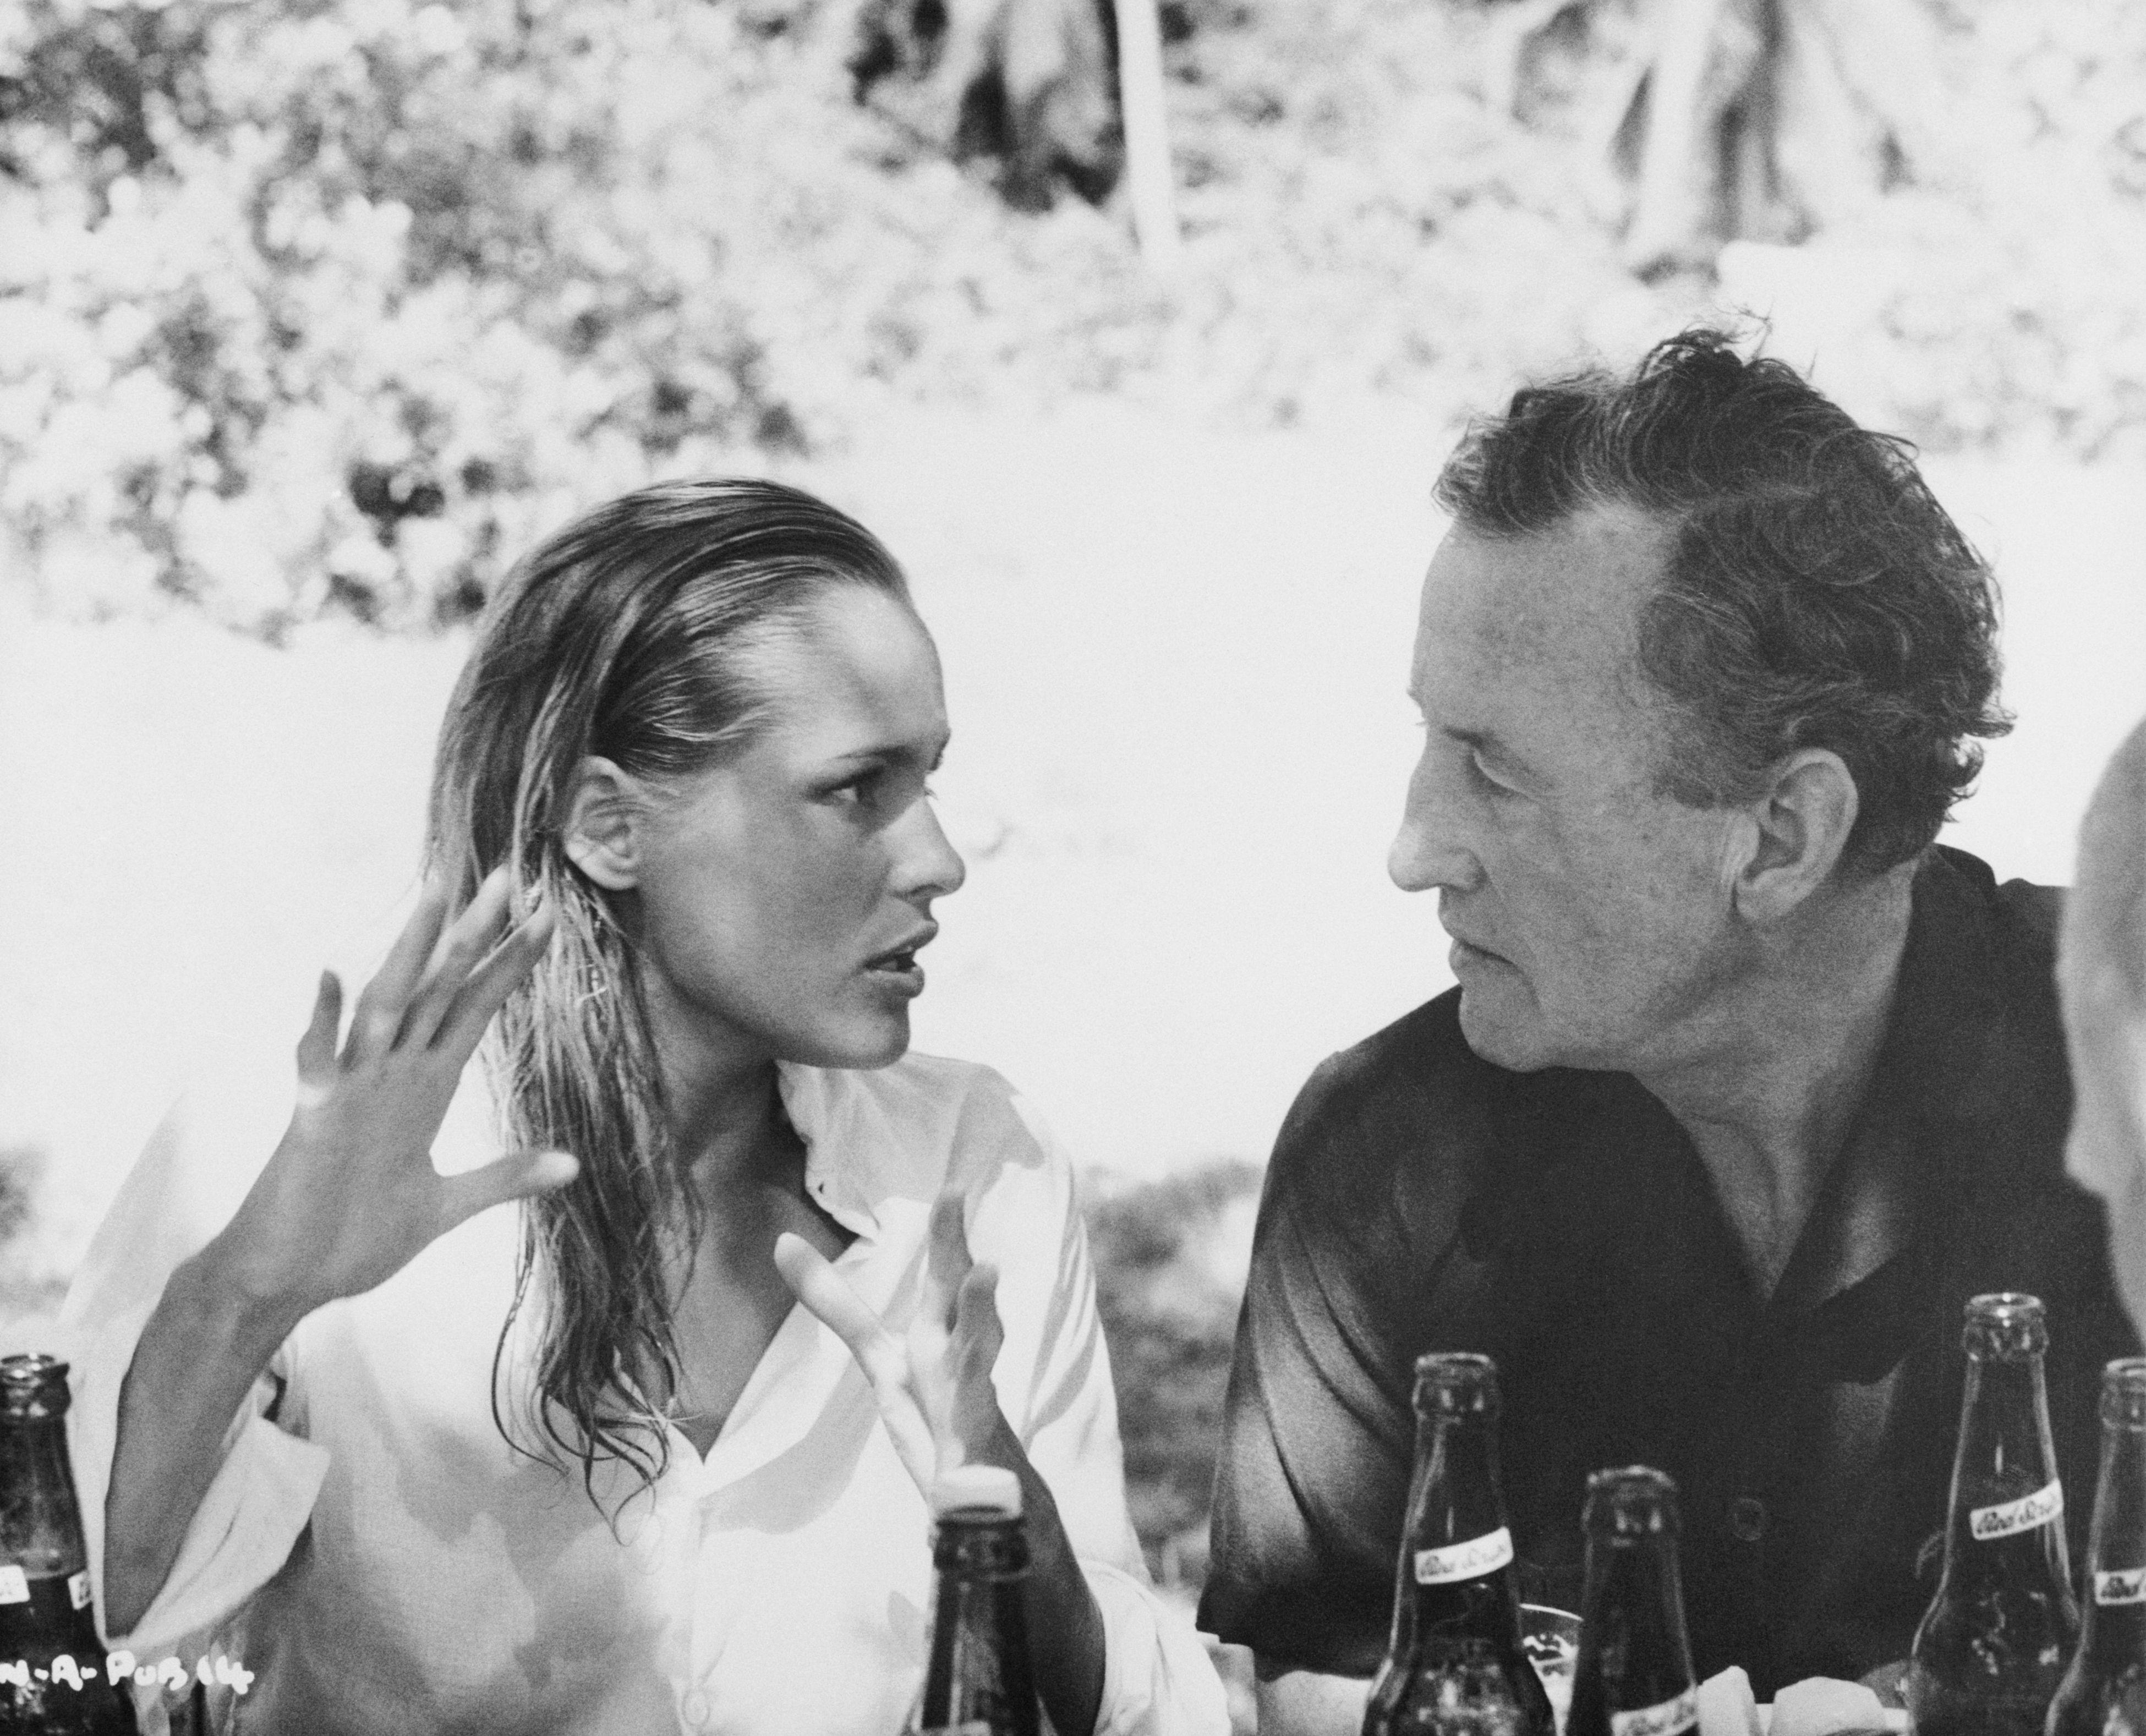 30 Best James Bond Movie Photos - James Bond Movies Set Photos